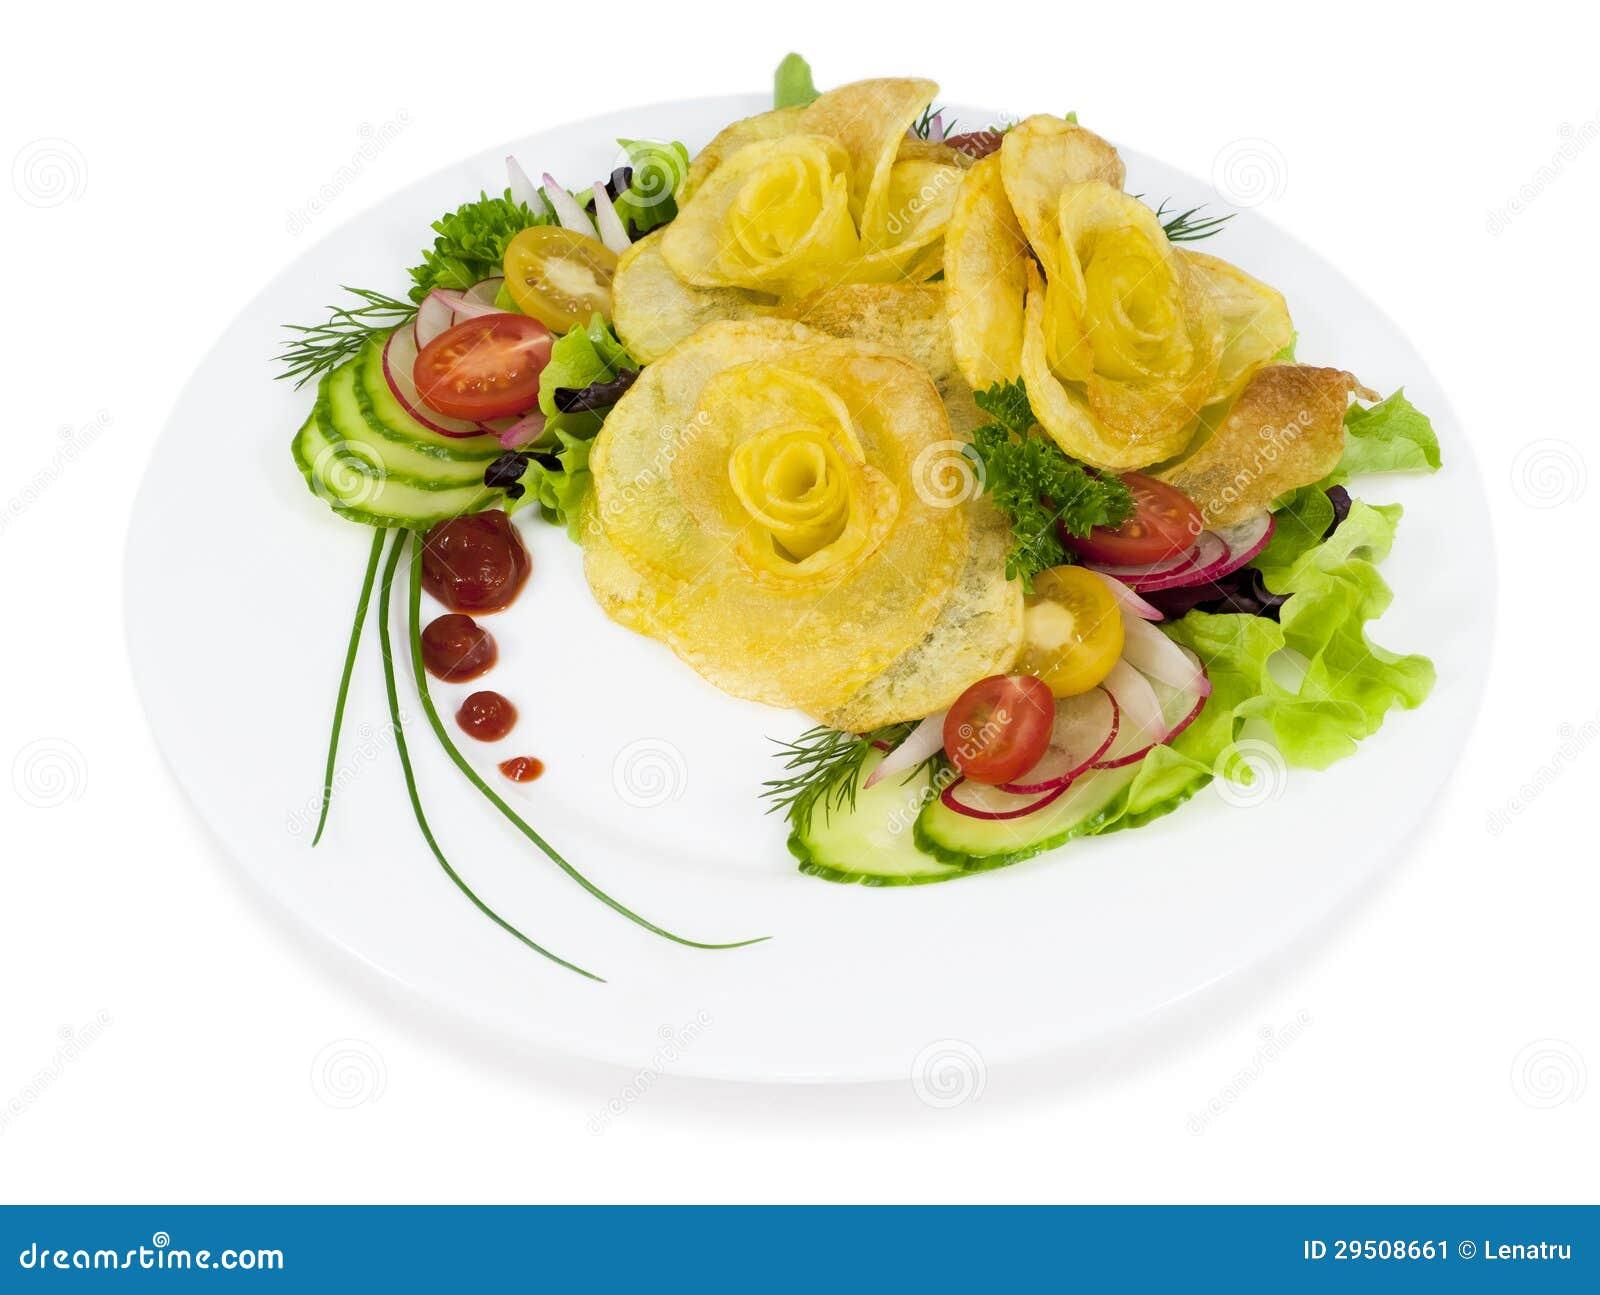 De frieten in de vorm van namen op een plaat met een salade op wh toe